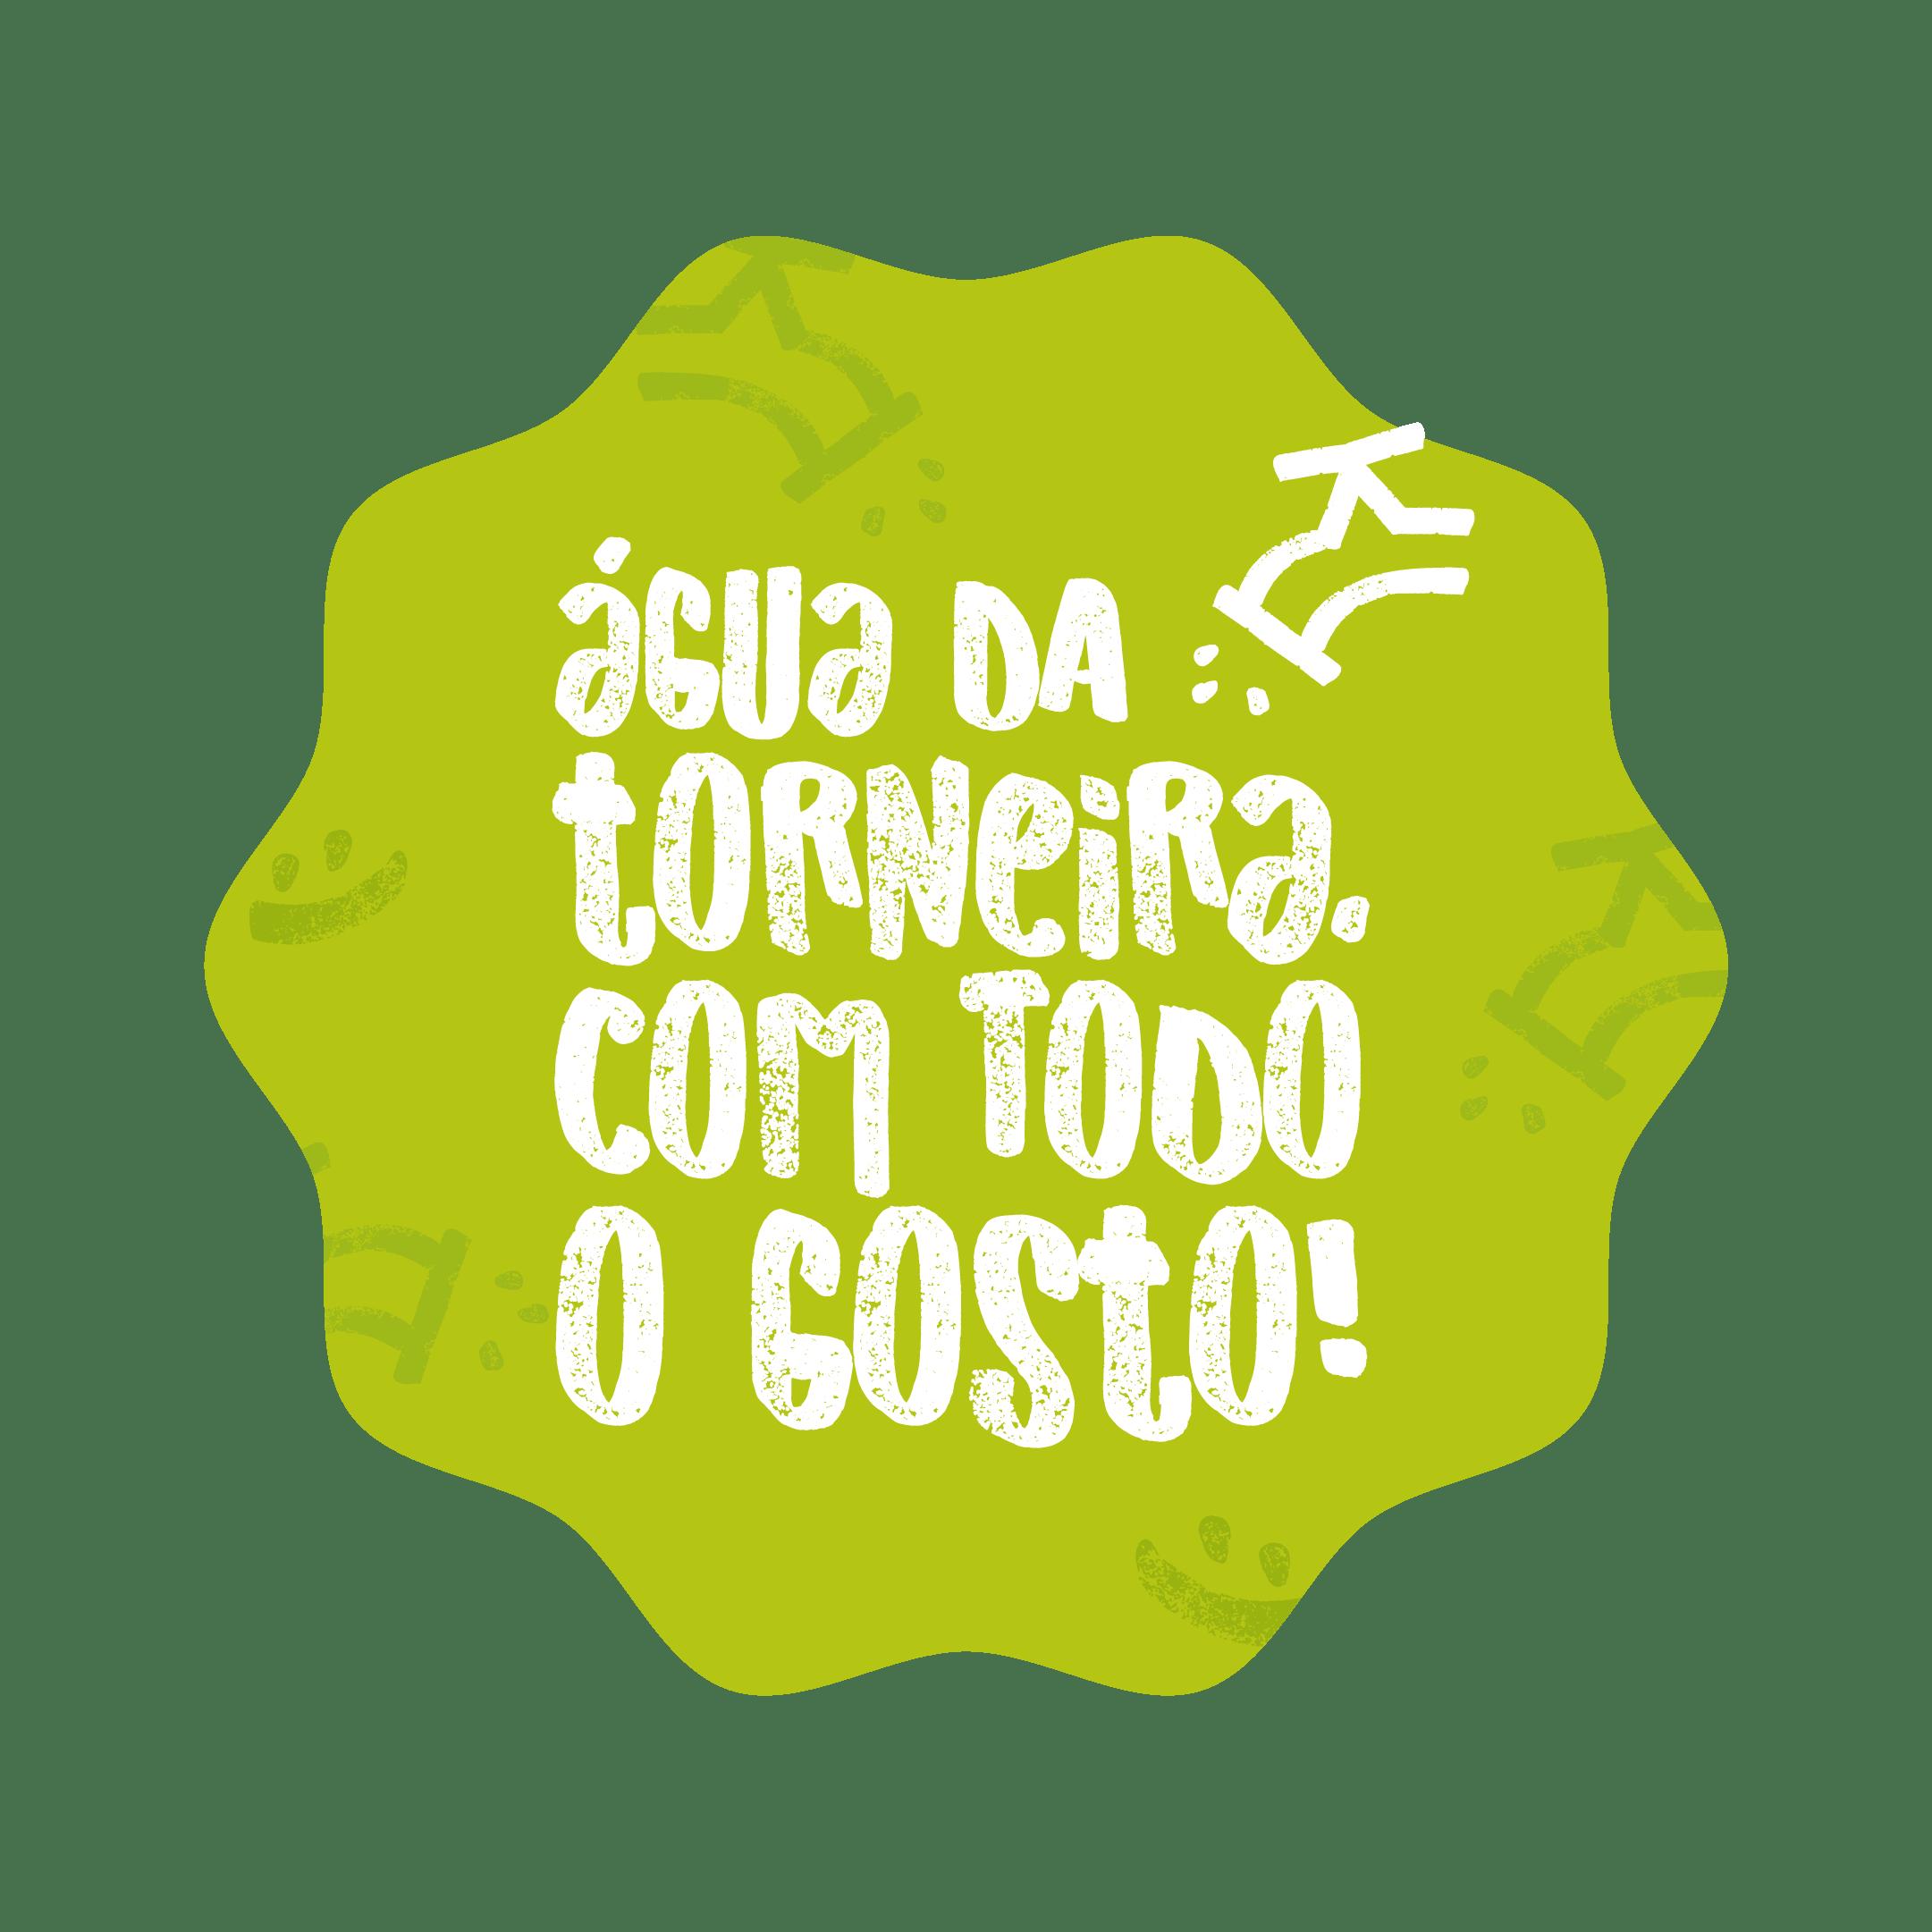 sabores_pao_logo